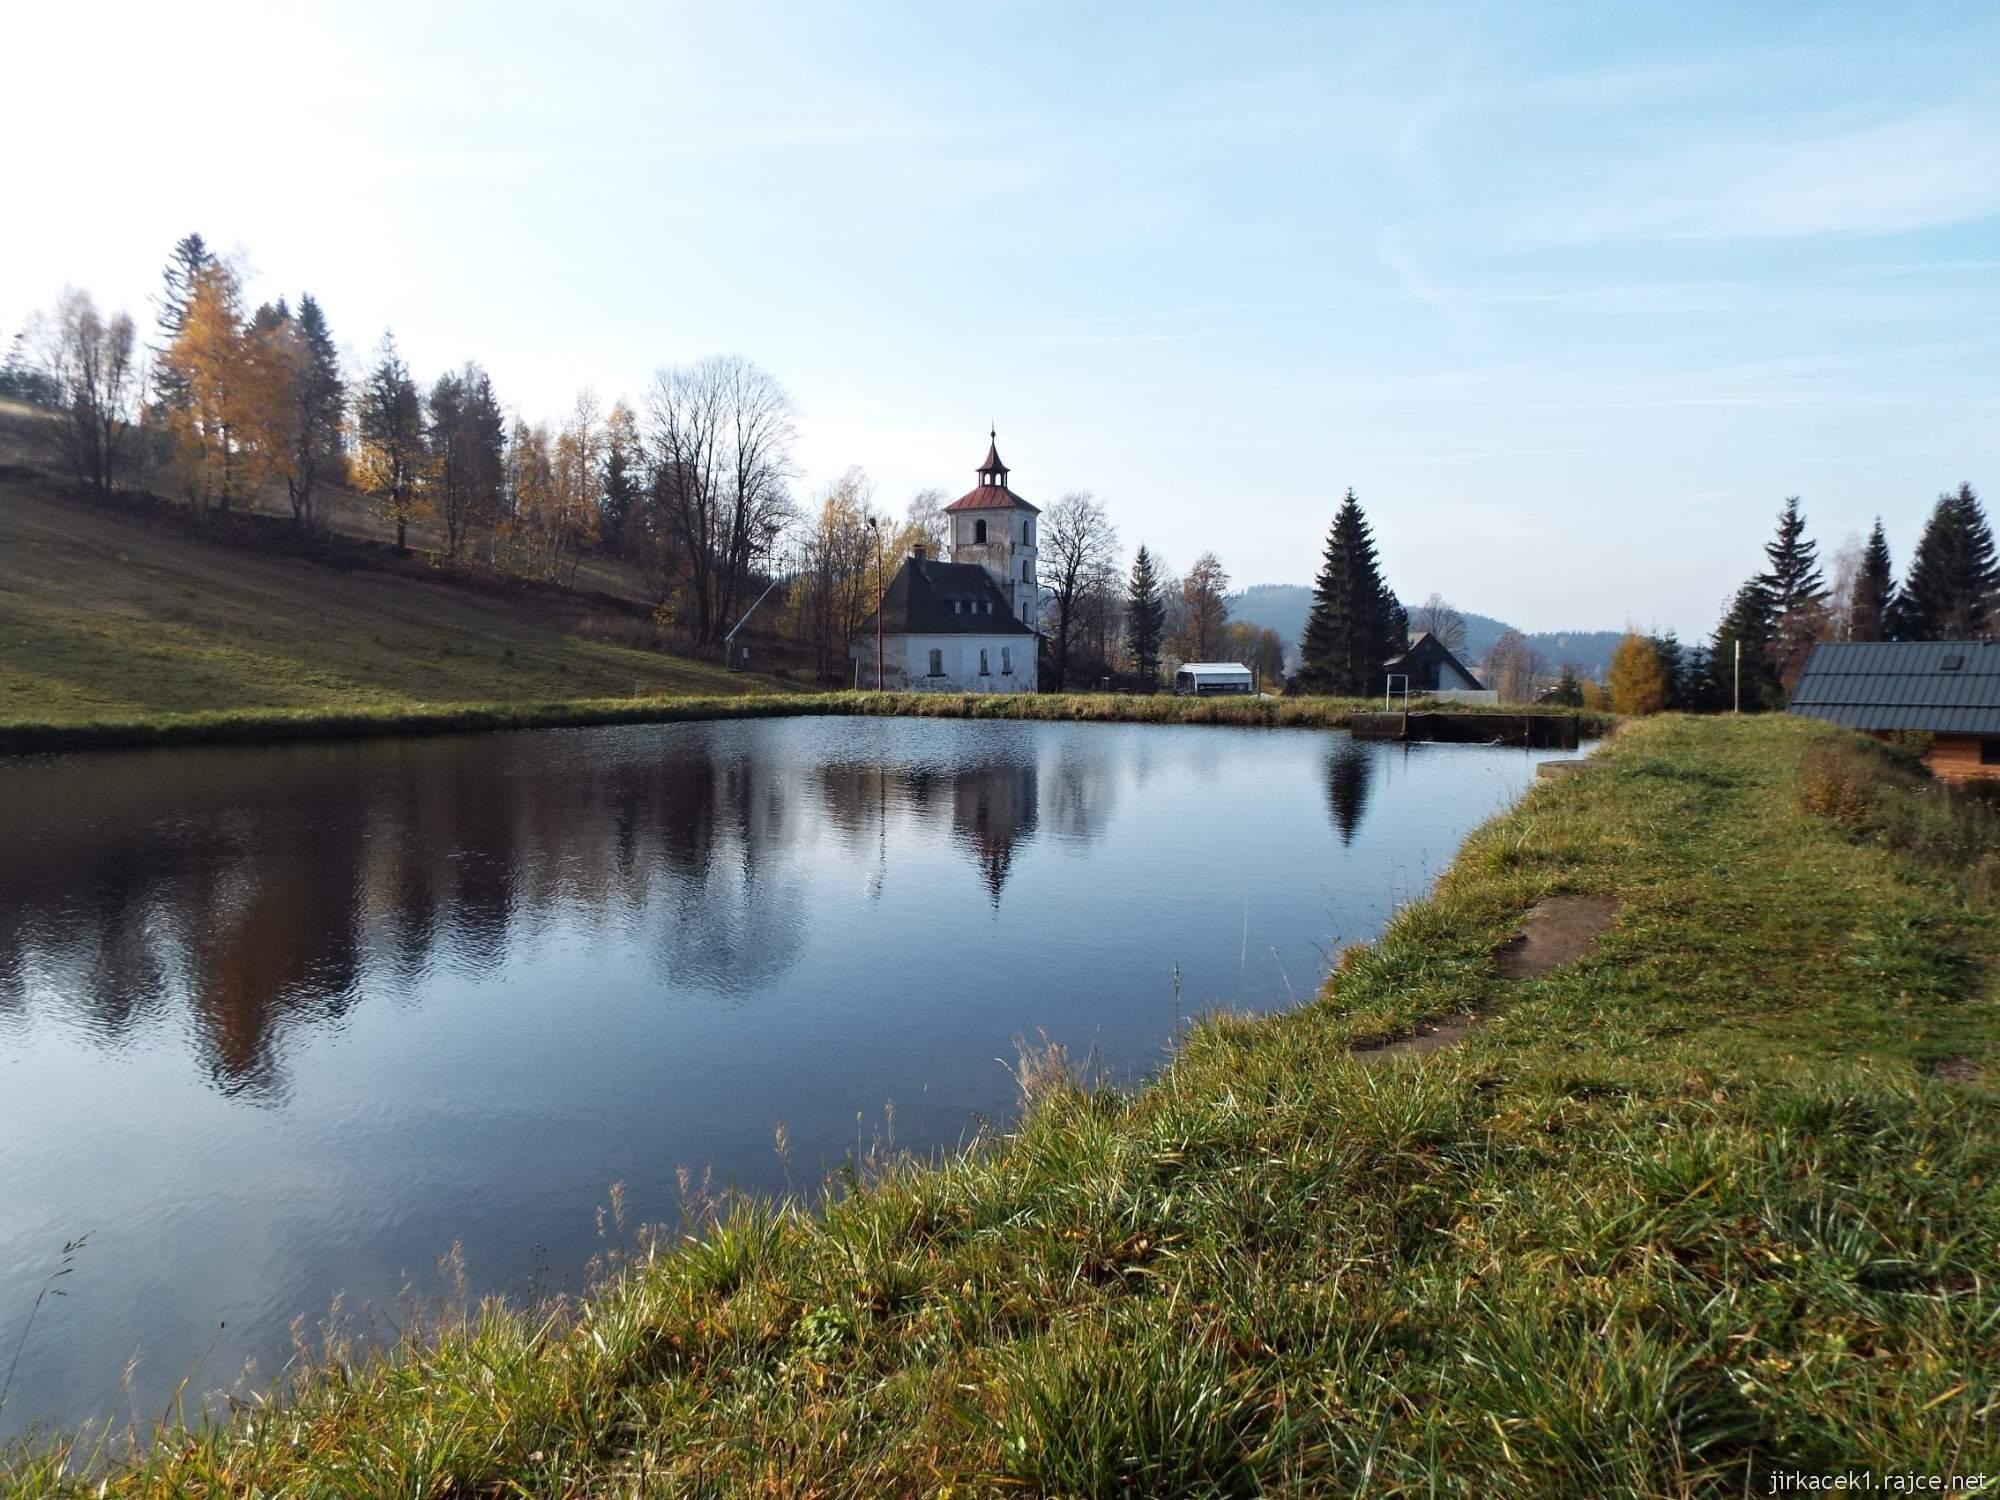 Čenkovice - staré koupaliště, sloužící jako zdroj vody pro zasněžování sjezdovek a evangelický kostel